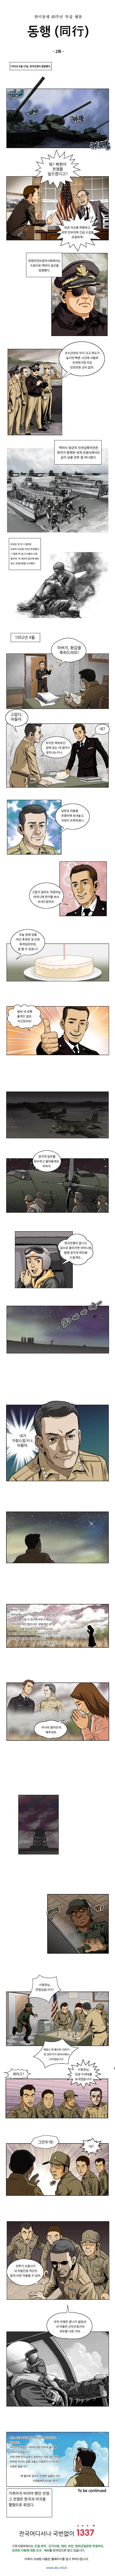 동행_2~1.JPG